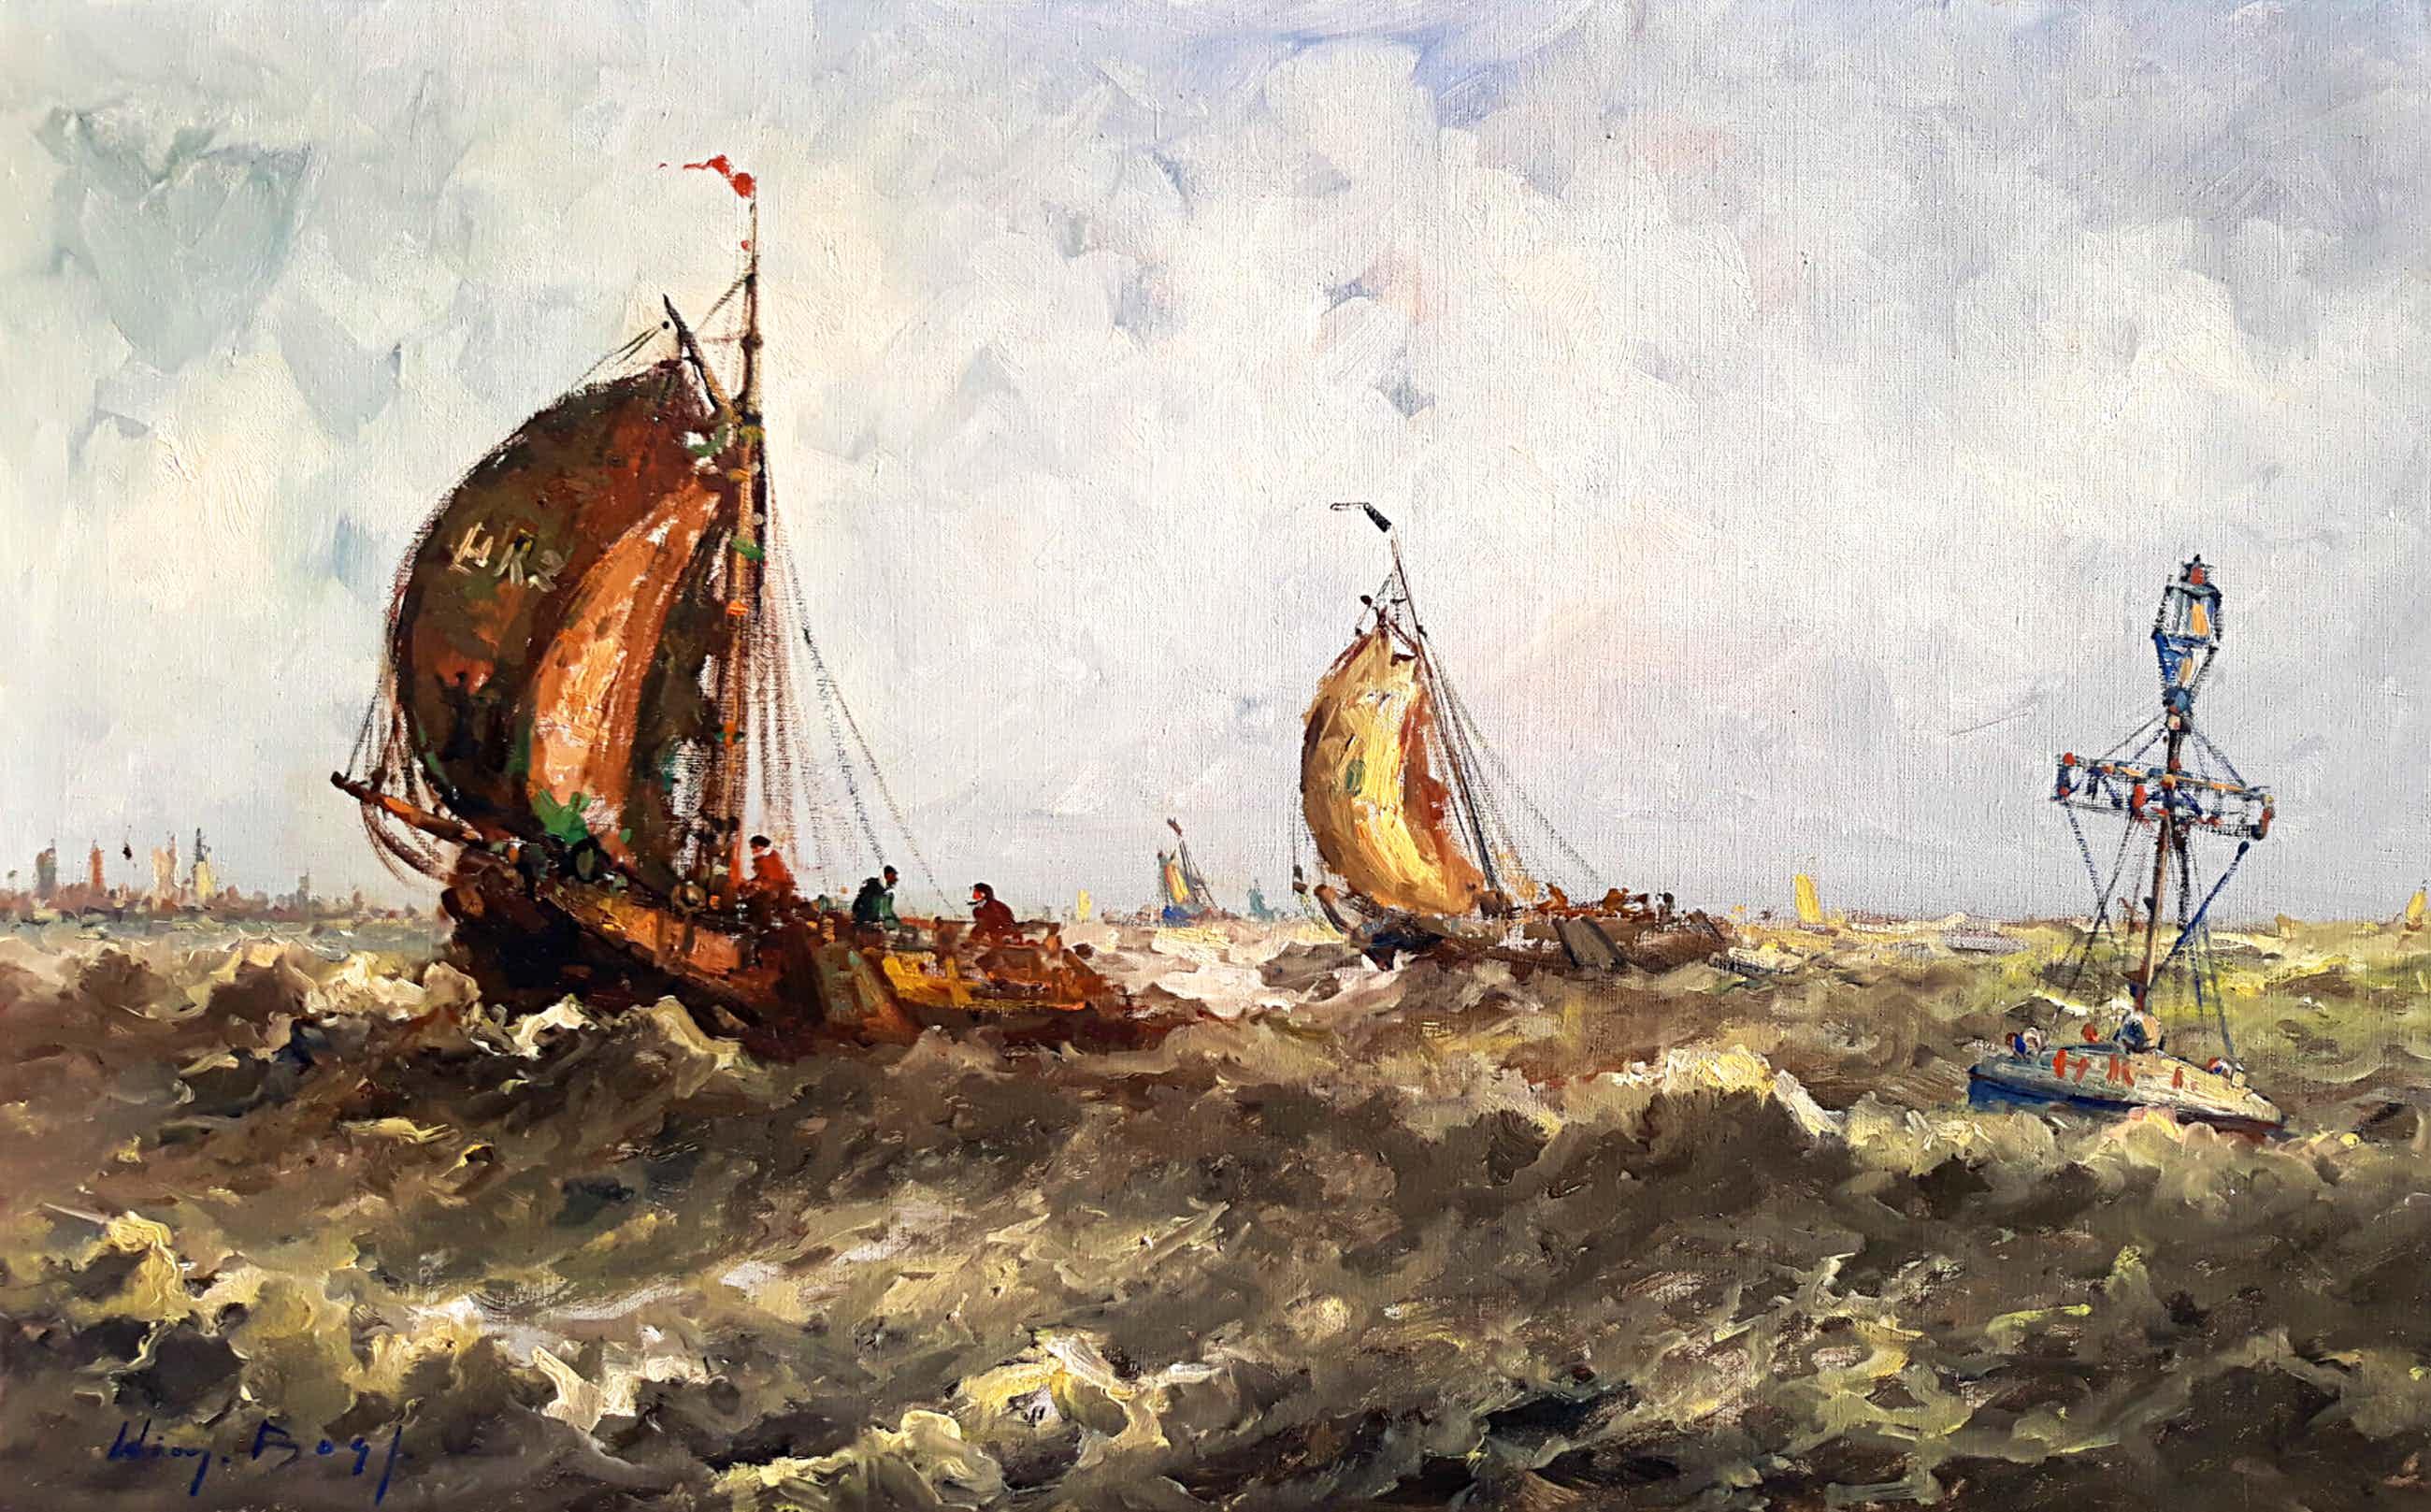 Willem Bos - Boten bij boei op woelige zee, olieverf op doek (mooi ingelijst, groot) kopen? Bied vanaf 125!